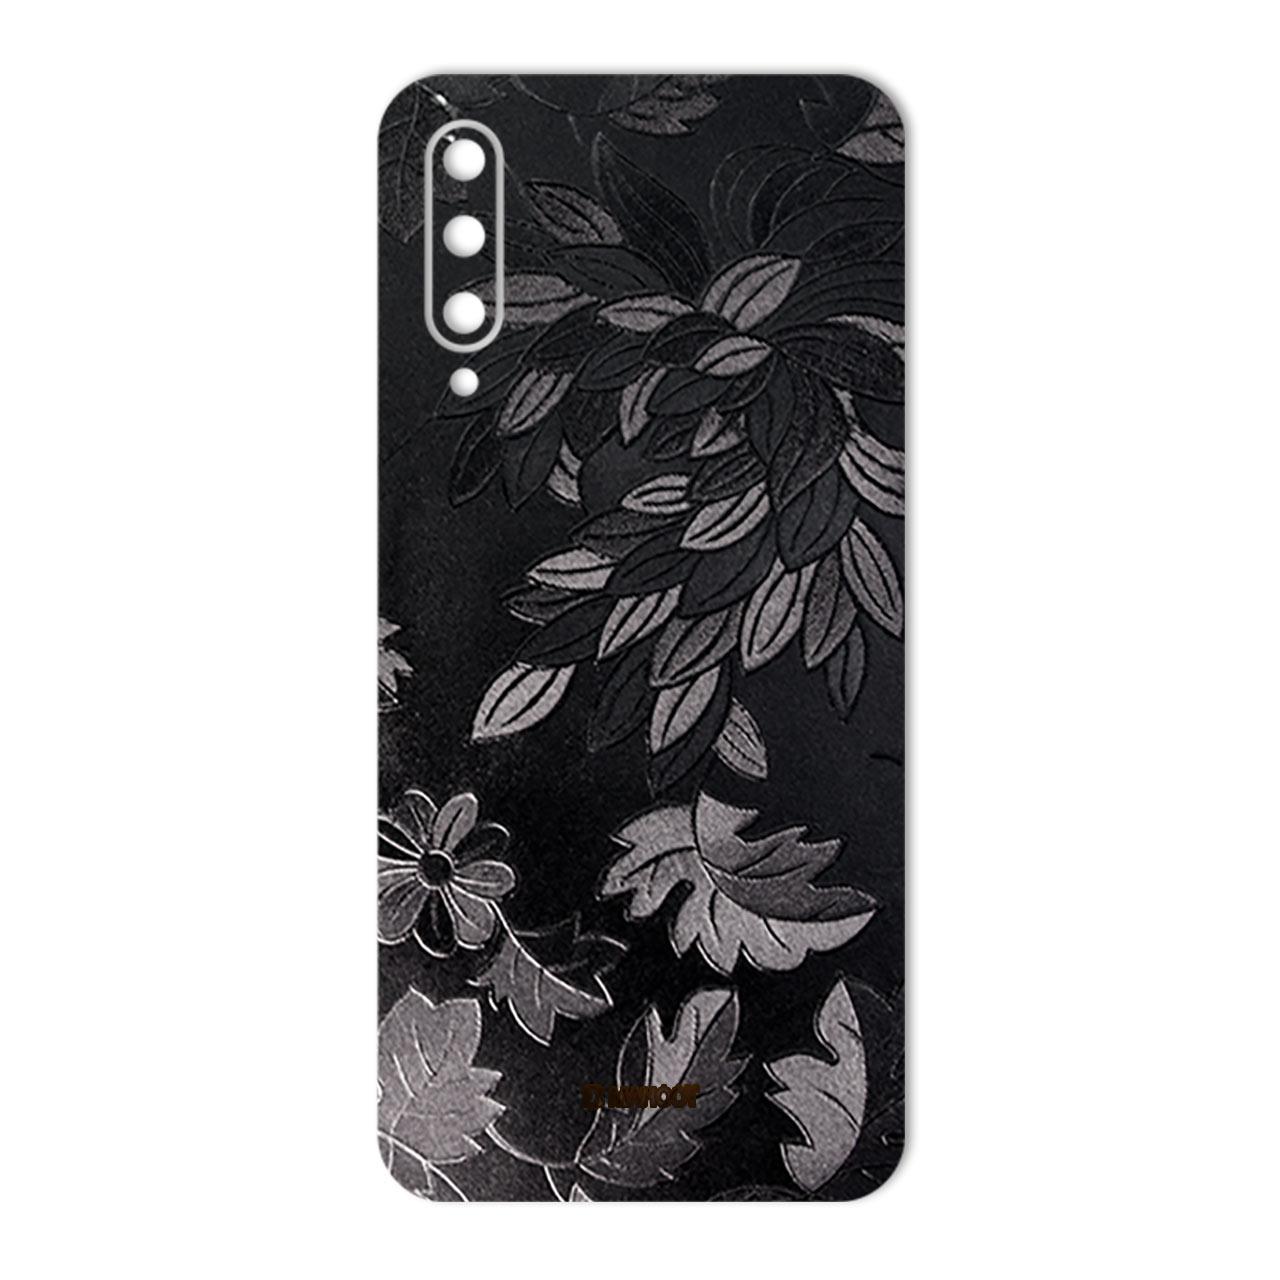 برچسب پوششی ماهوت مدل Wild-Flower مناسب برای گوشی موبایل شیائومی Mi A3